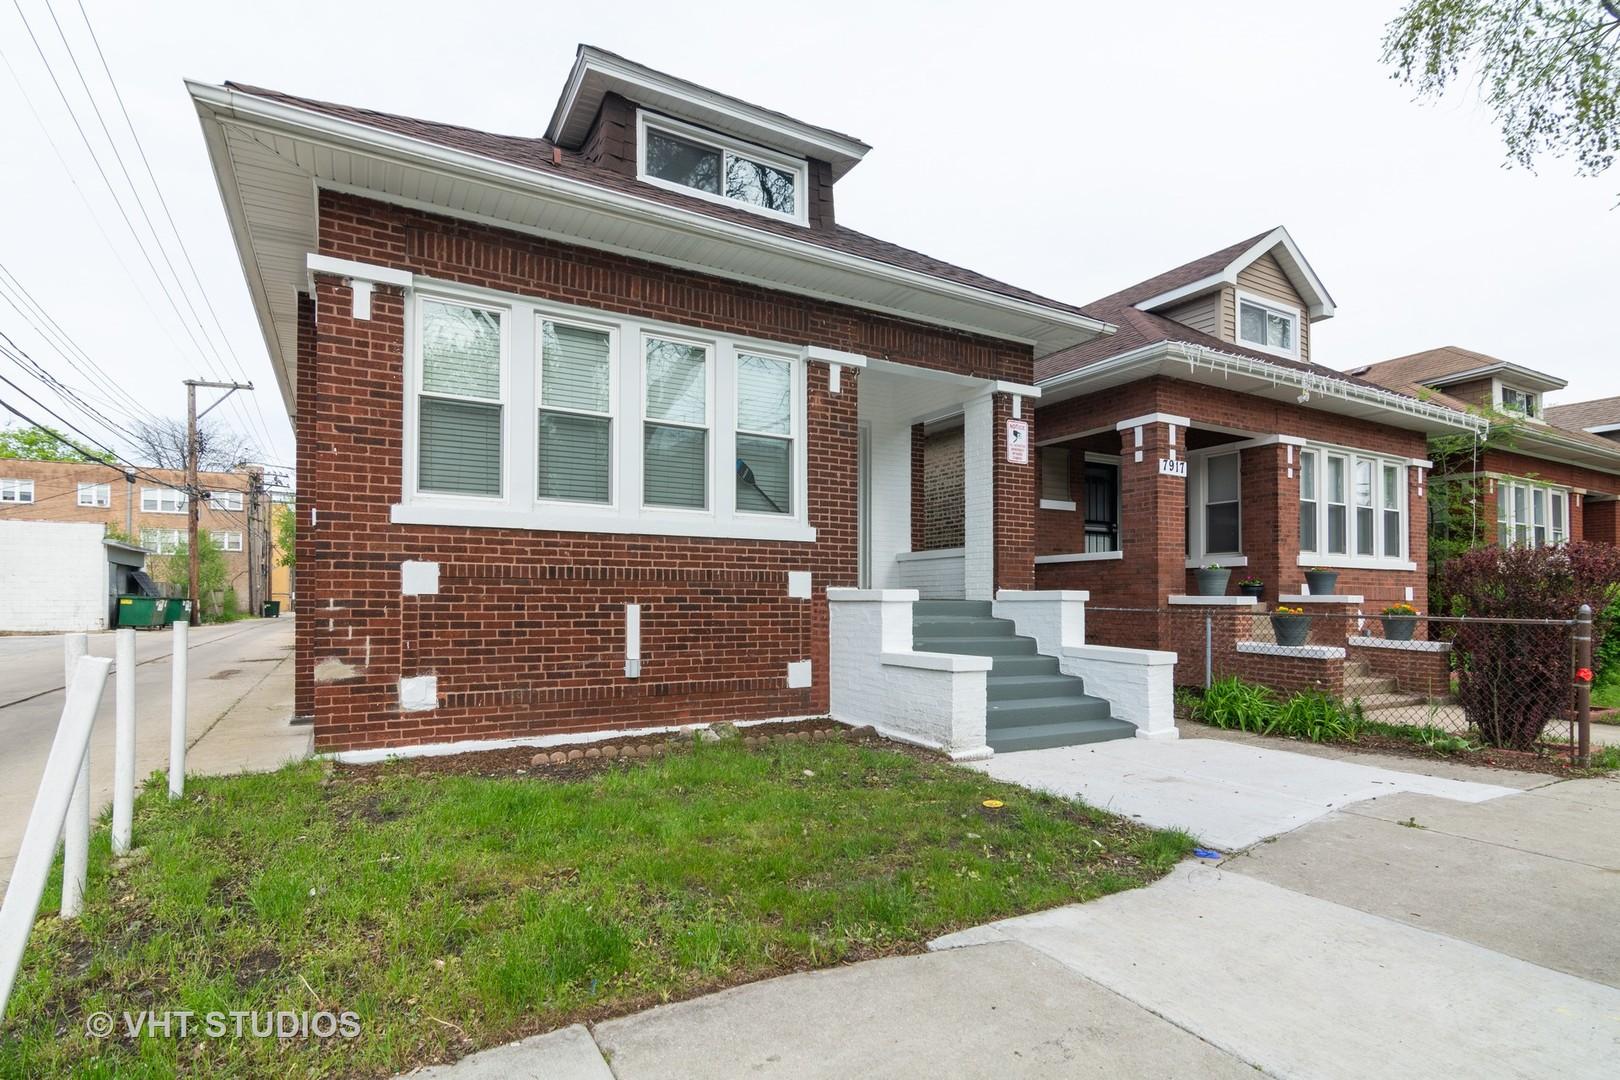 7915 S Paxton Avenue, Chicago IL 60617